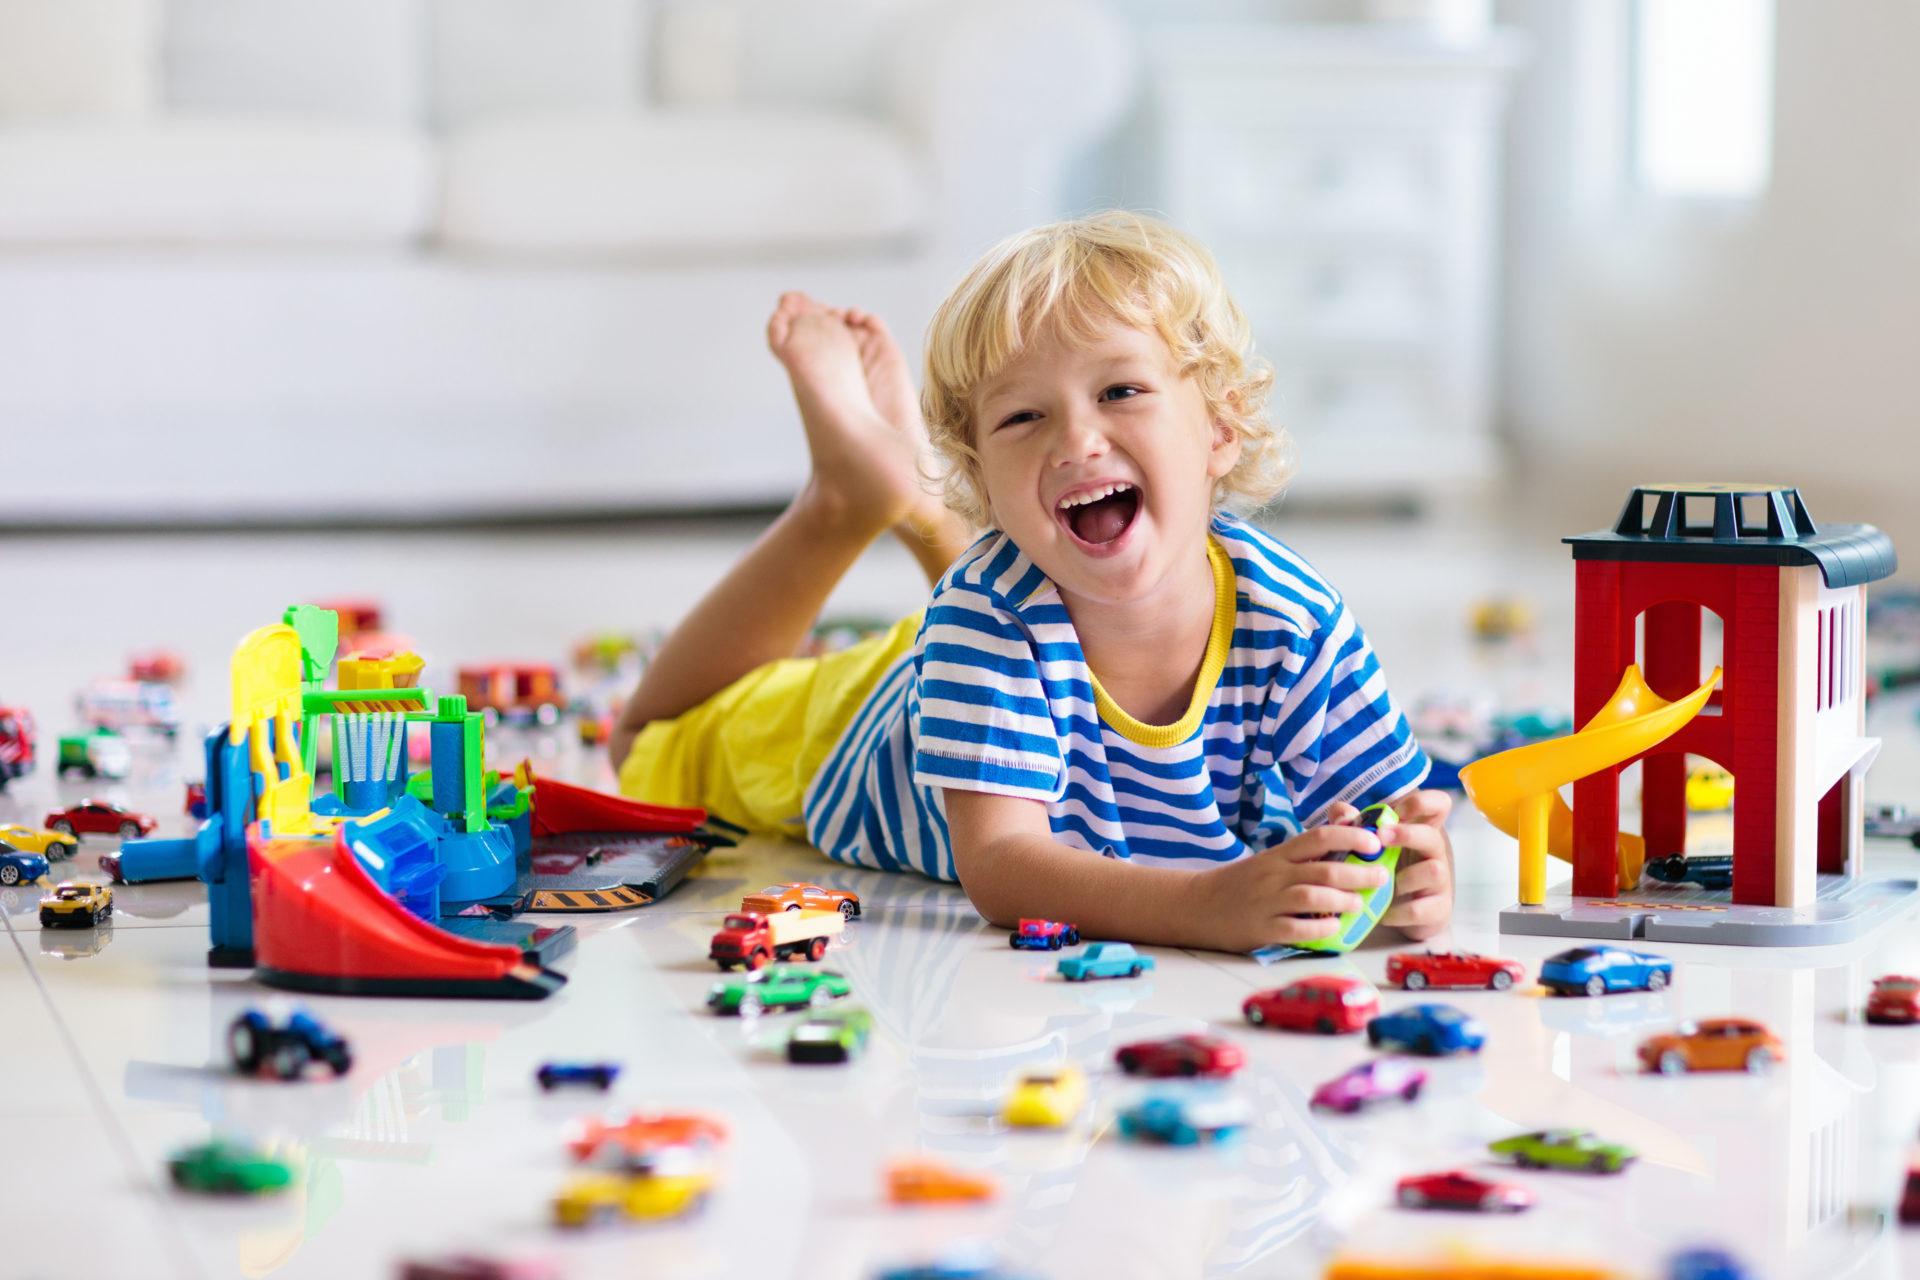 Jeu Eveil Enfant, Jouet Eveil Enfant, Cadeau D'eveil Pour pour Jeux Educatif 2 Ans